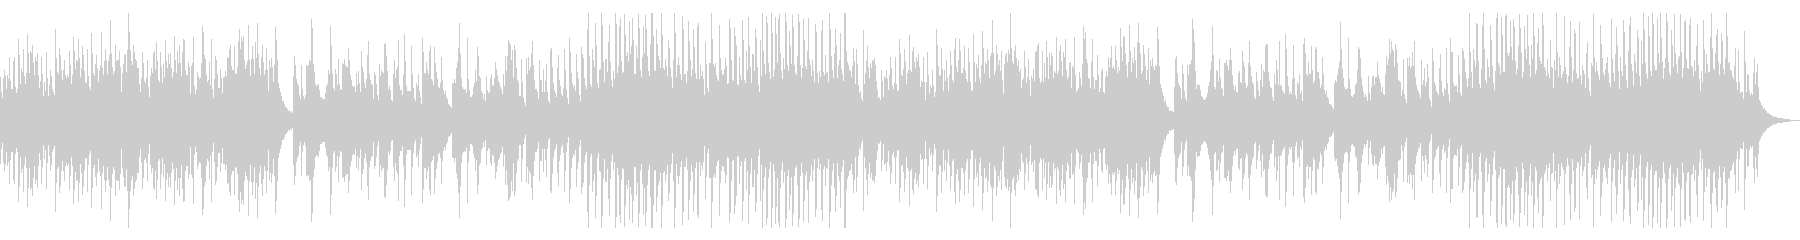 ウクレレとピアノの柔らかい曲の未再生の波形